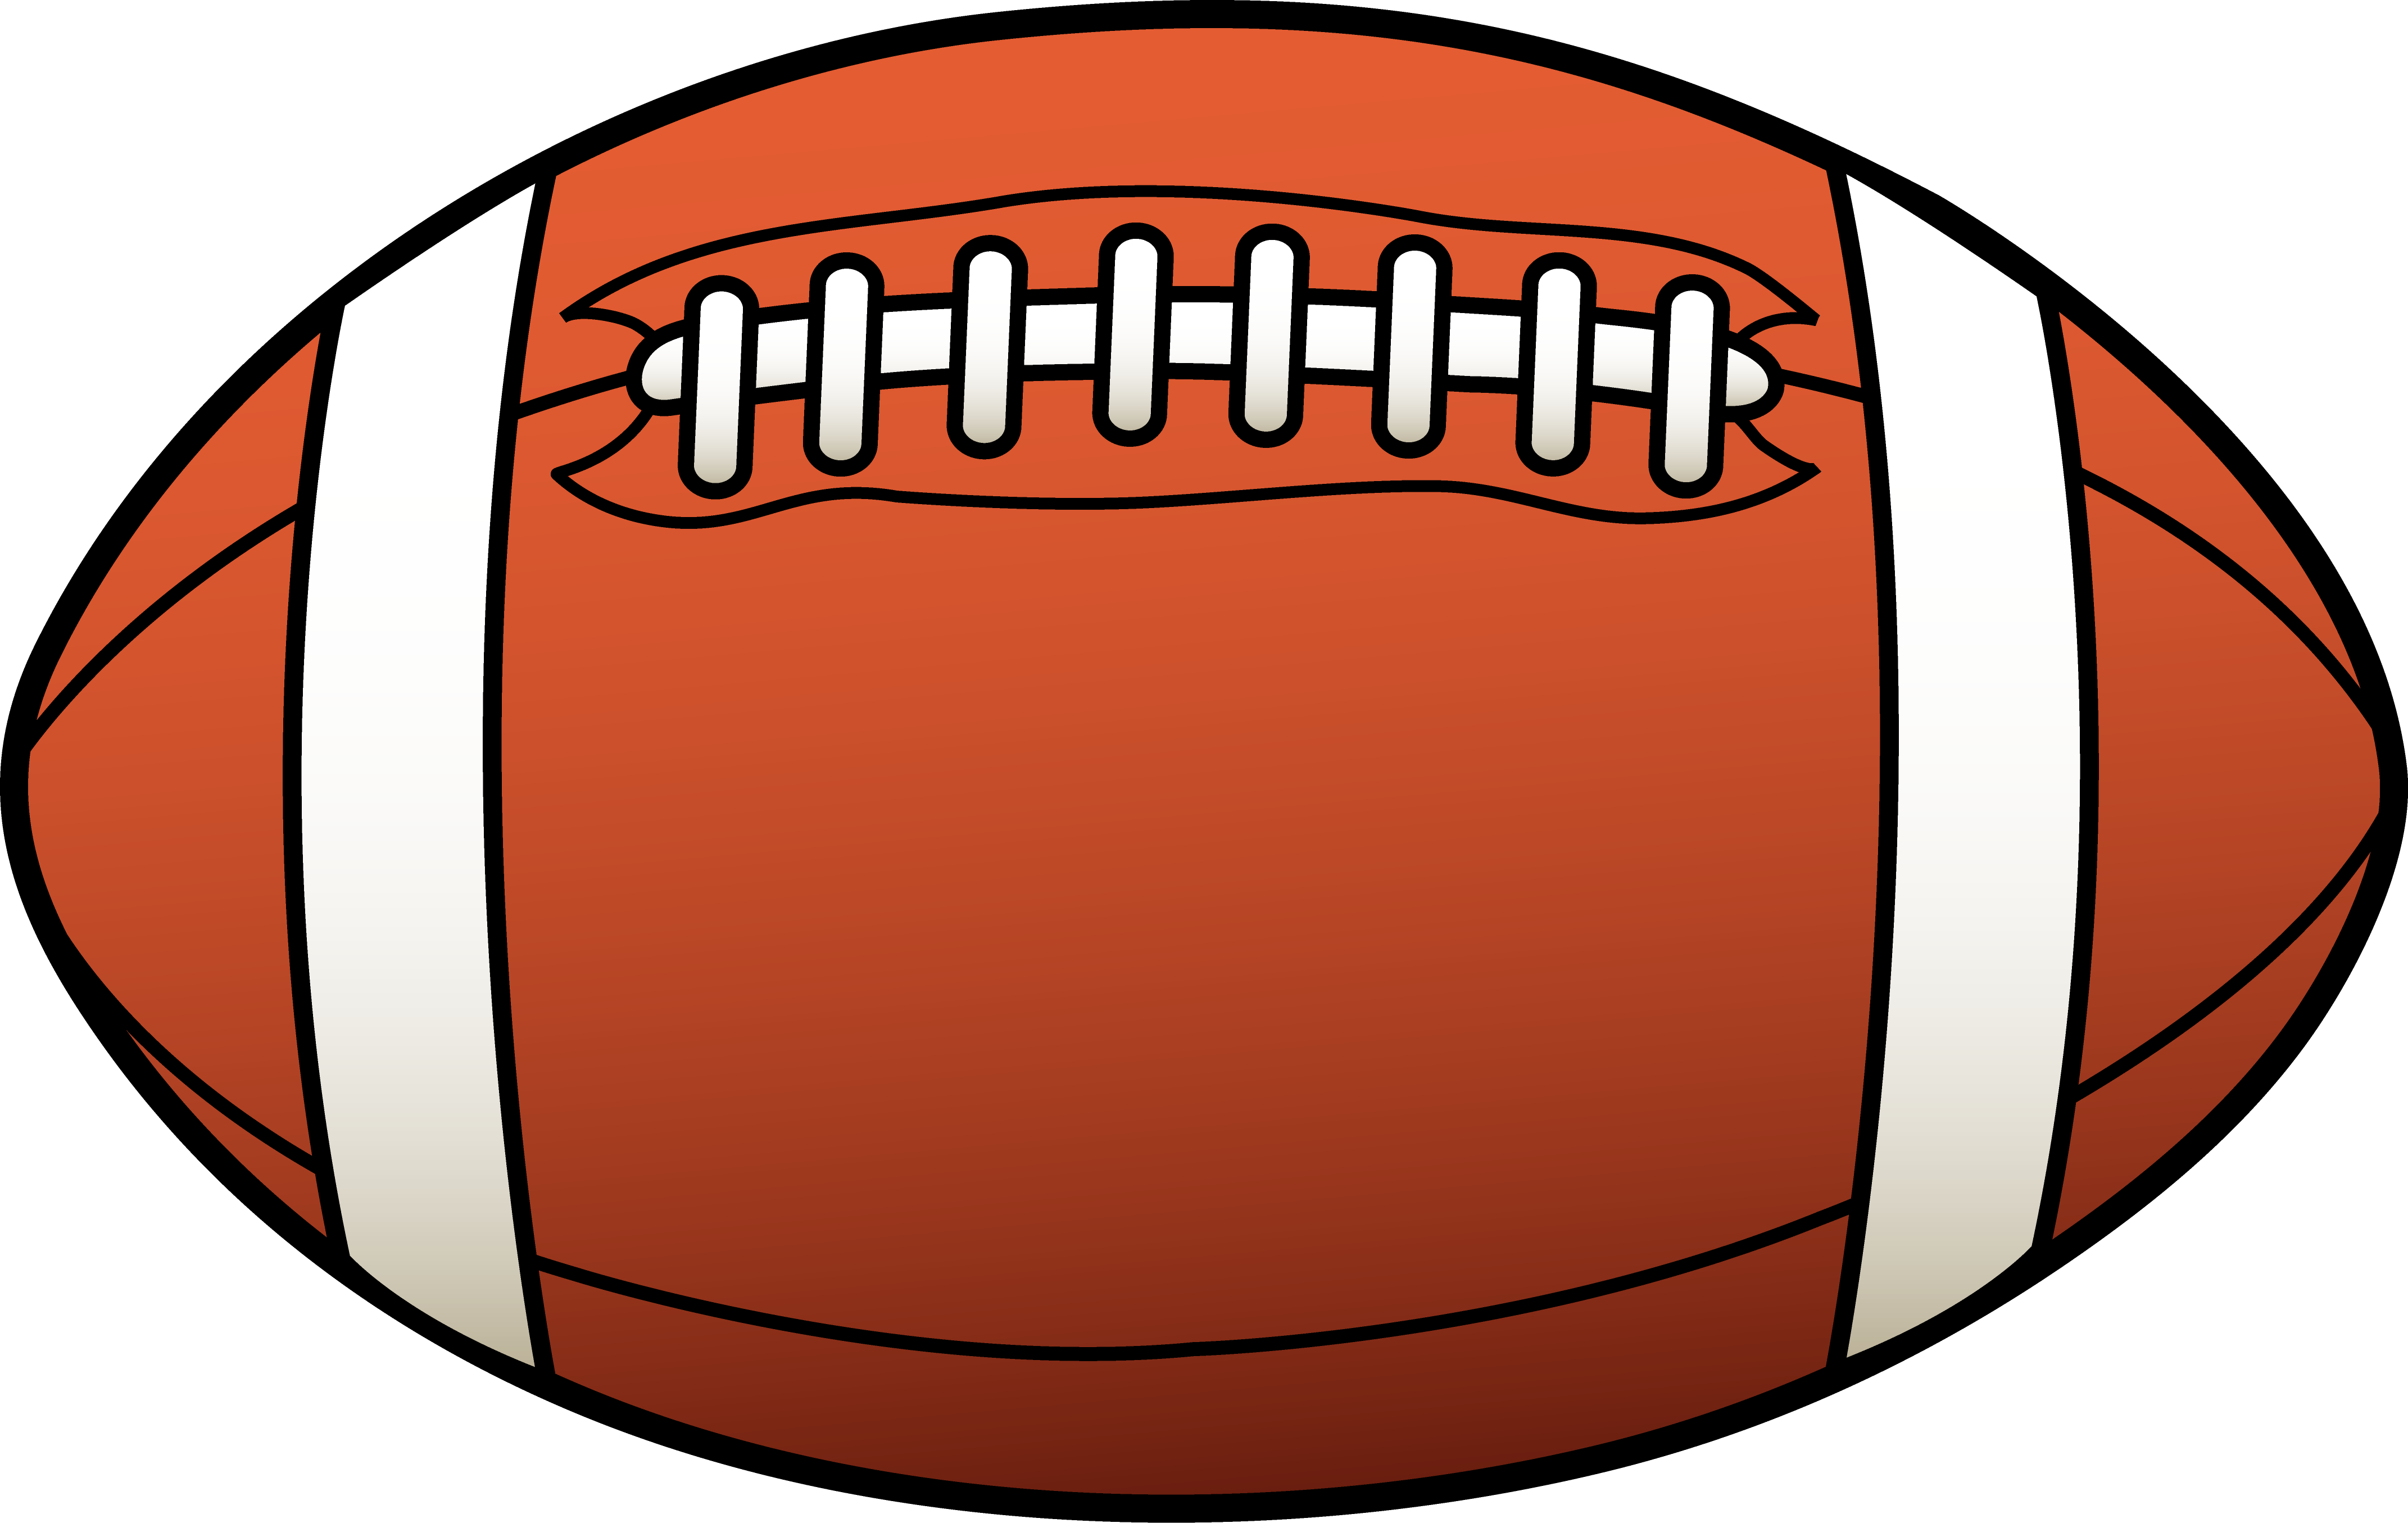 Football Clipart-football clipart-6